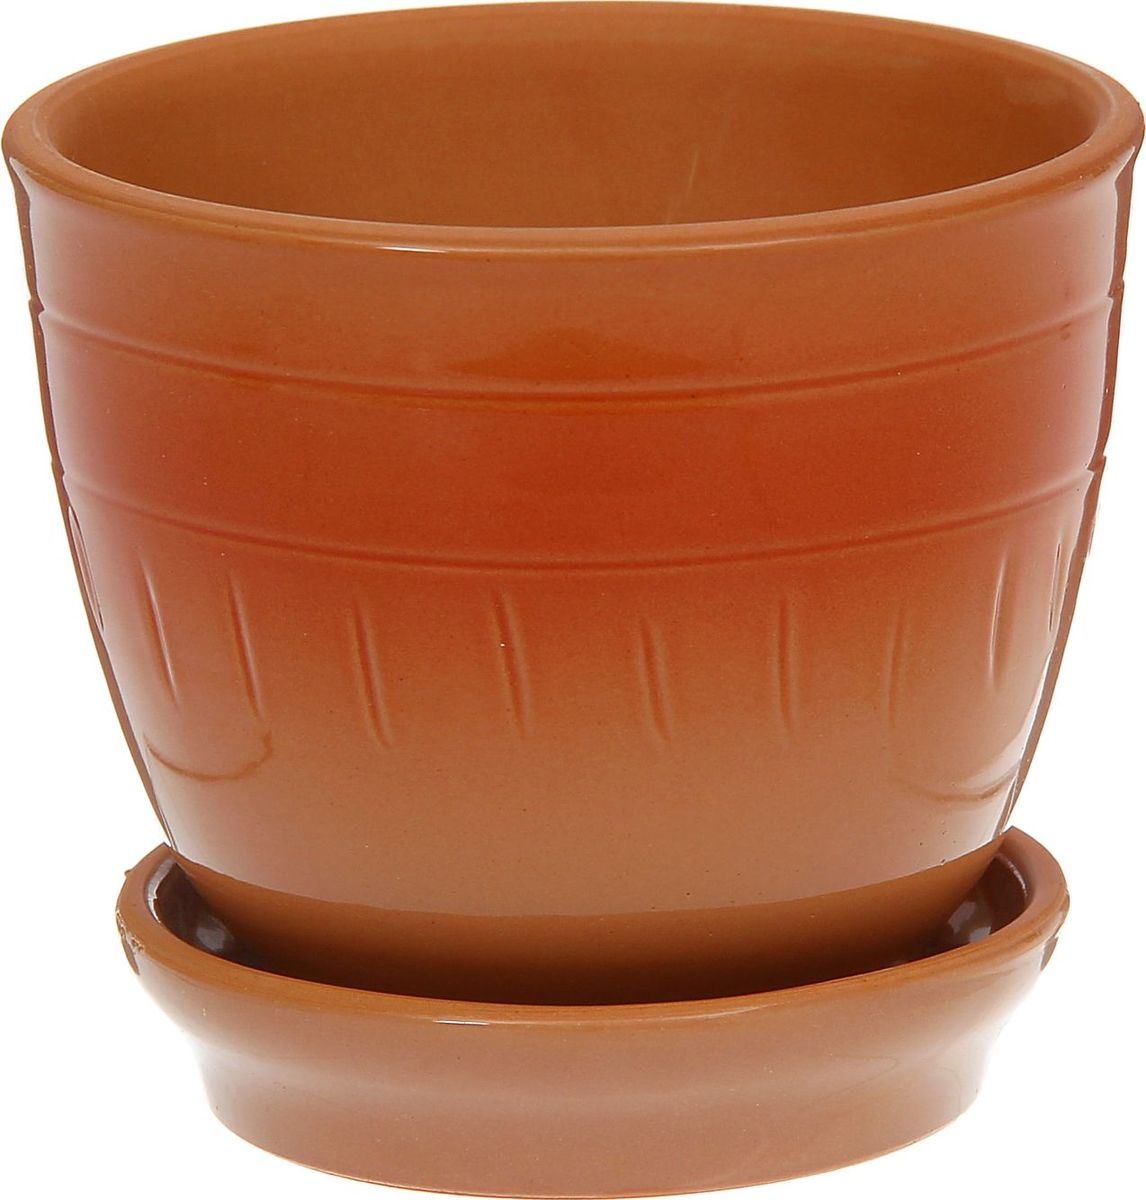 Кашпо Агат, цвет: коричневый, красный, 0,5 л1186715Комнатные растения — всеобщие любимцы. Они радуют глаз, насыщают помещение кислородом и украшают пространство. Каждому из них необходим свой удобный и красивый дом. Кашпо из керамики прекрасно подходят для высадки растений: за счёт пластичности глины и разных способов обработки существует великое множество форм и дизайновпористый материал позволяет испаряться лишней влагевоздух, необходимый для дыхания корней, проникает сквозь керамические стенки! #name# позаботится о зелёном питомце, освежит интерьер и подчеркнёт его стиль.